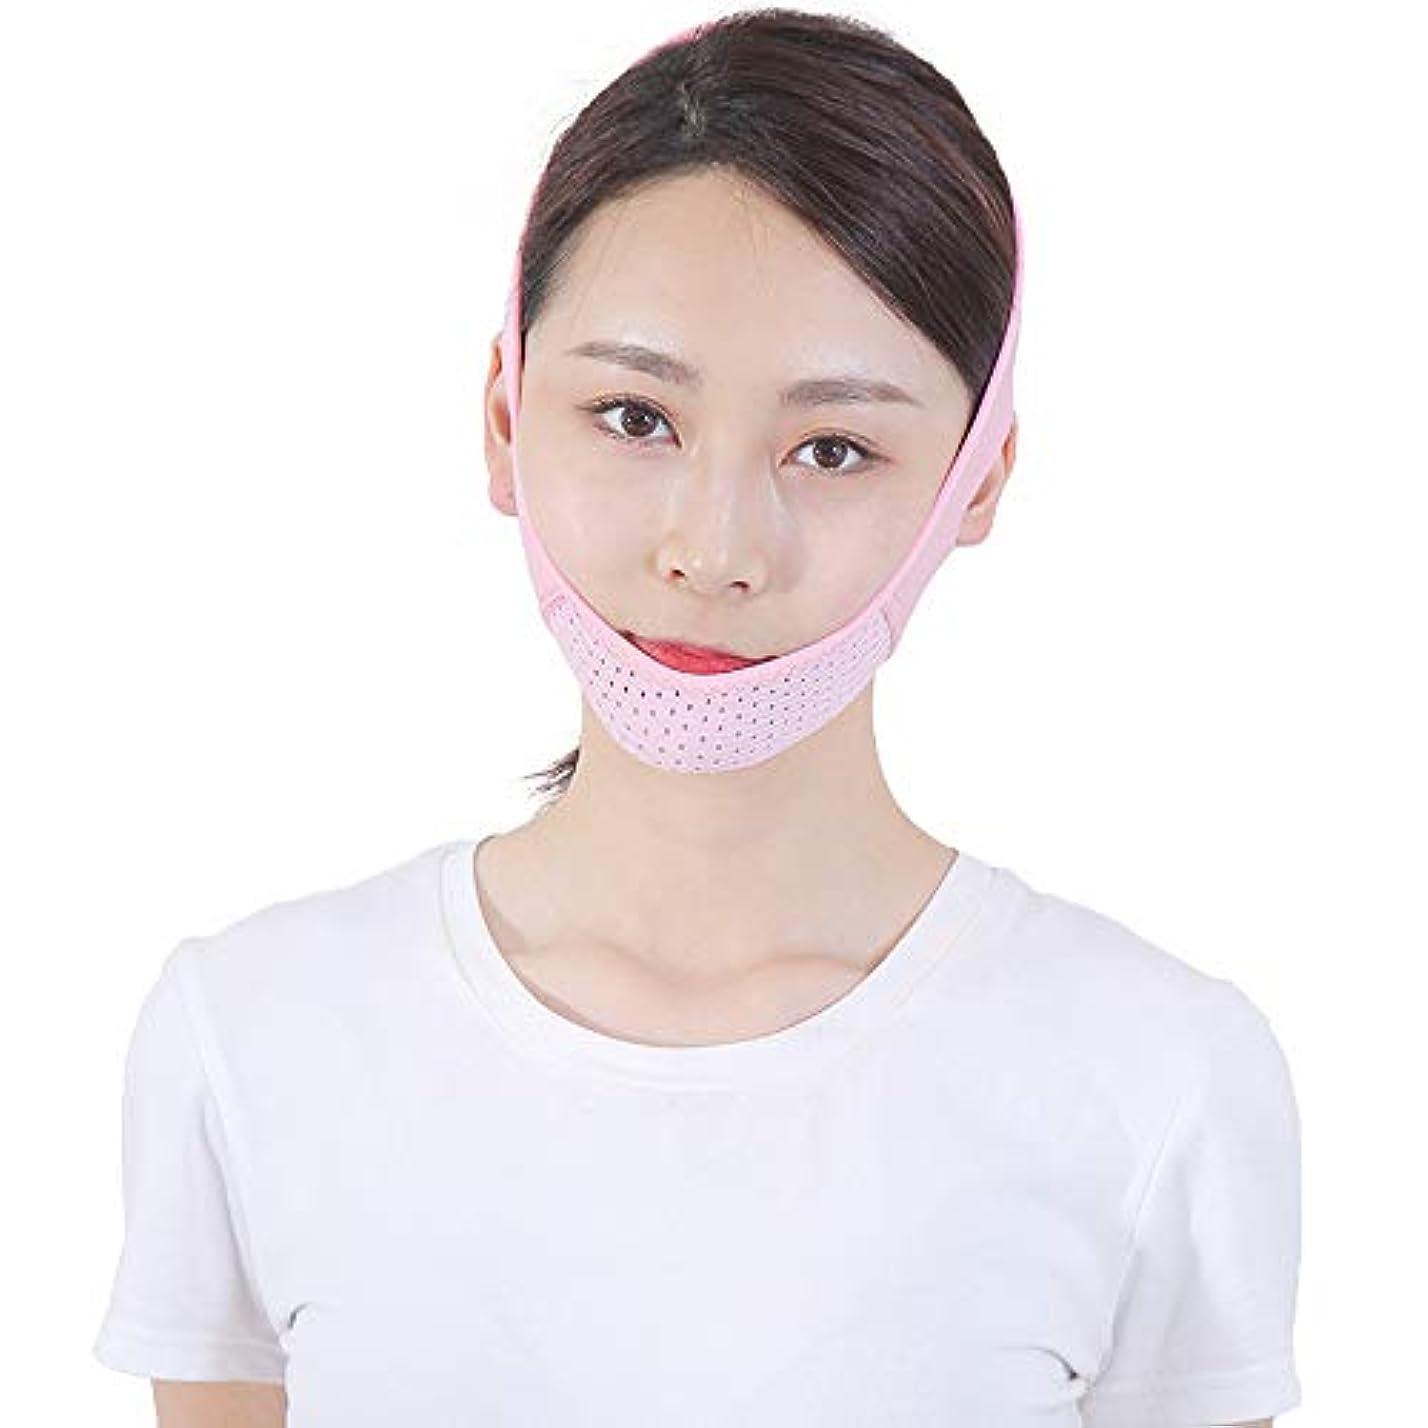 ねばねば太いヤギJia Jia- フェイシャルリフティング痩身ベルトフェイススリムゲットダブルチンアンチエイジングリンクルフェイスバンデージマスクシェイピングマスク顔を引き締めるダブルチンワークアウト 顔面包帯